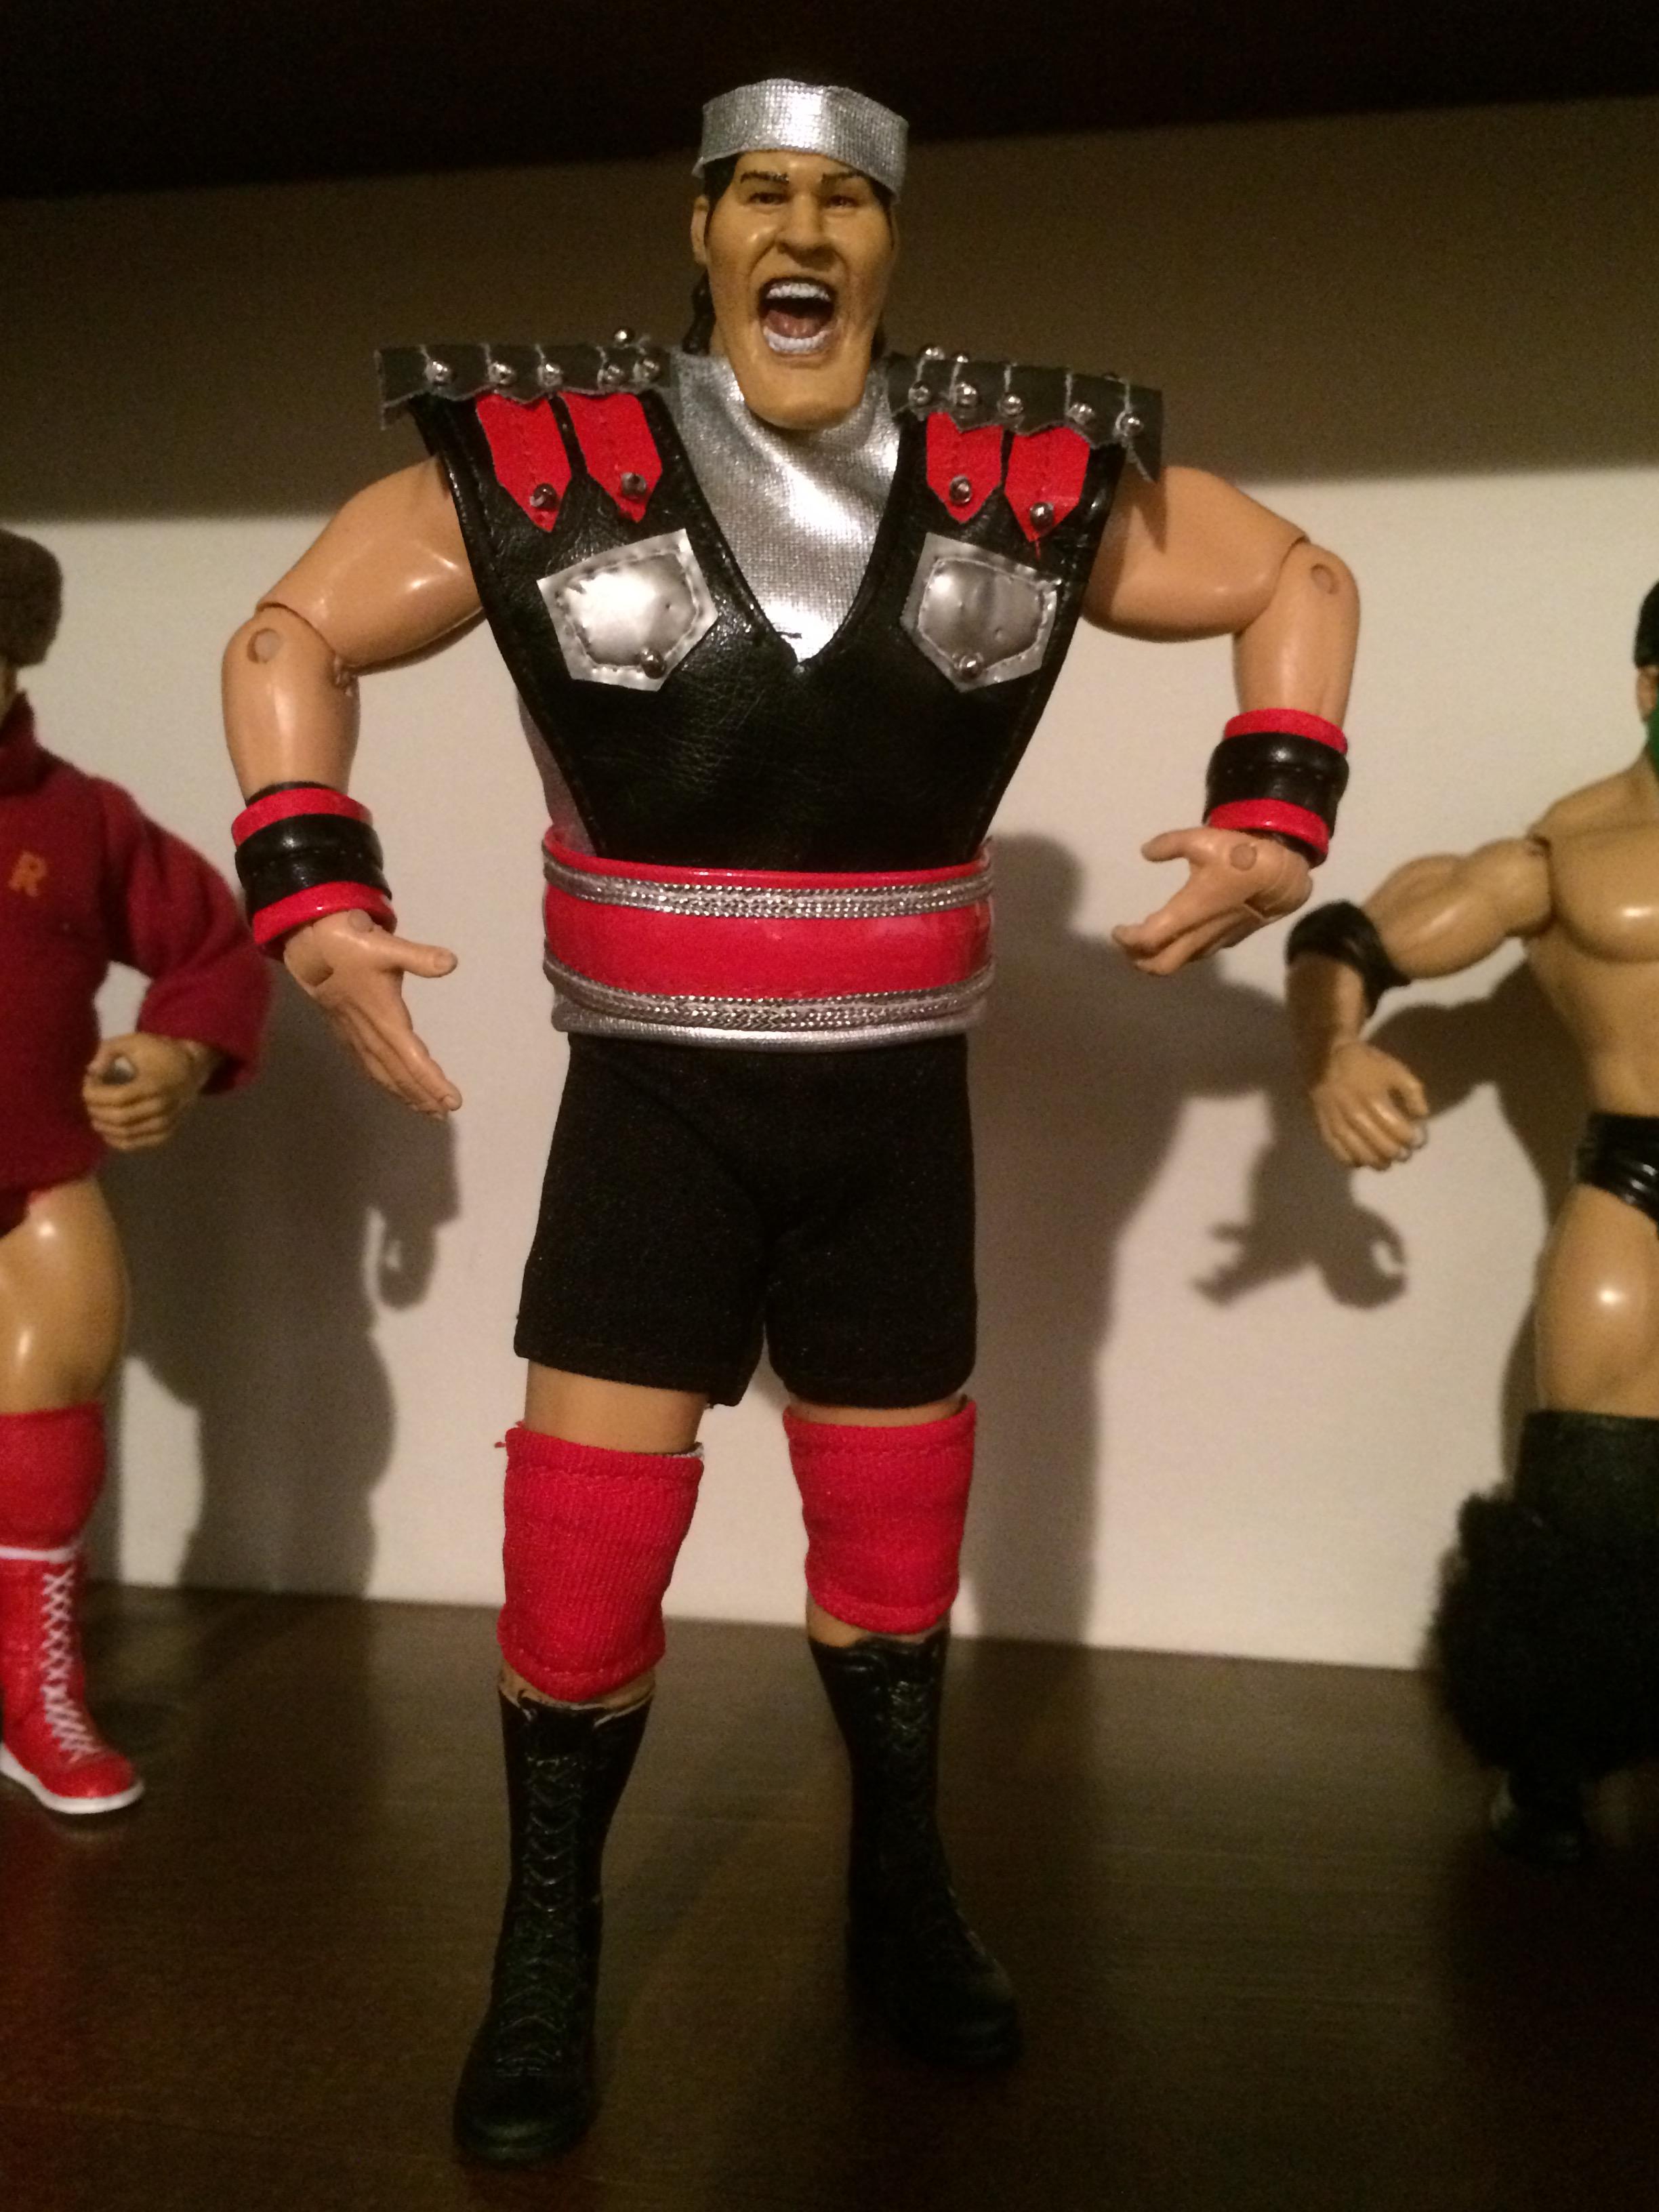 How Much Does Hulk Hogan Weigh